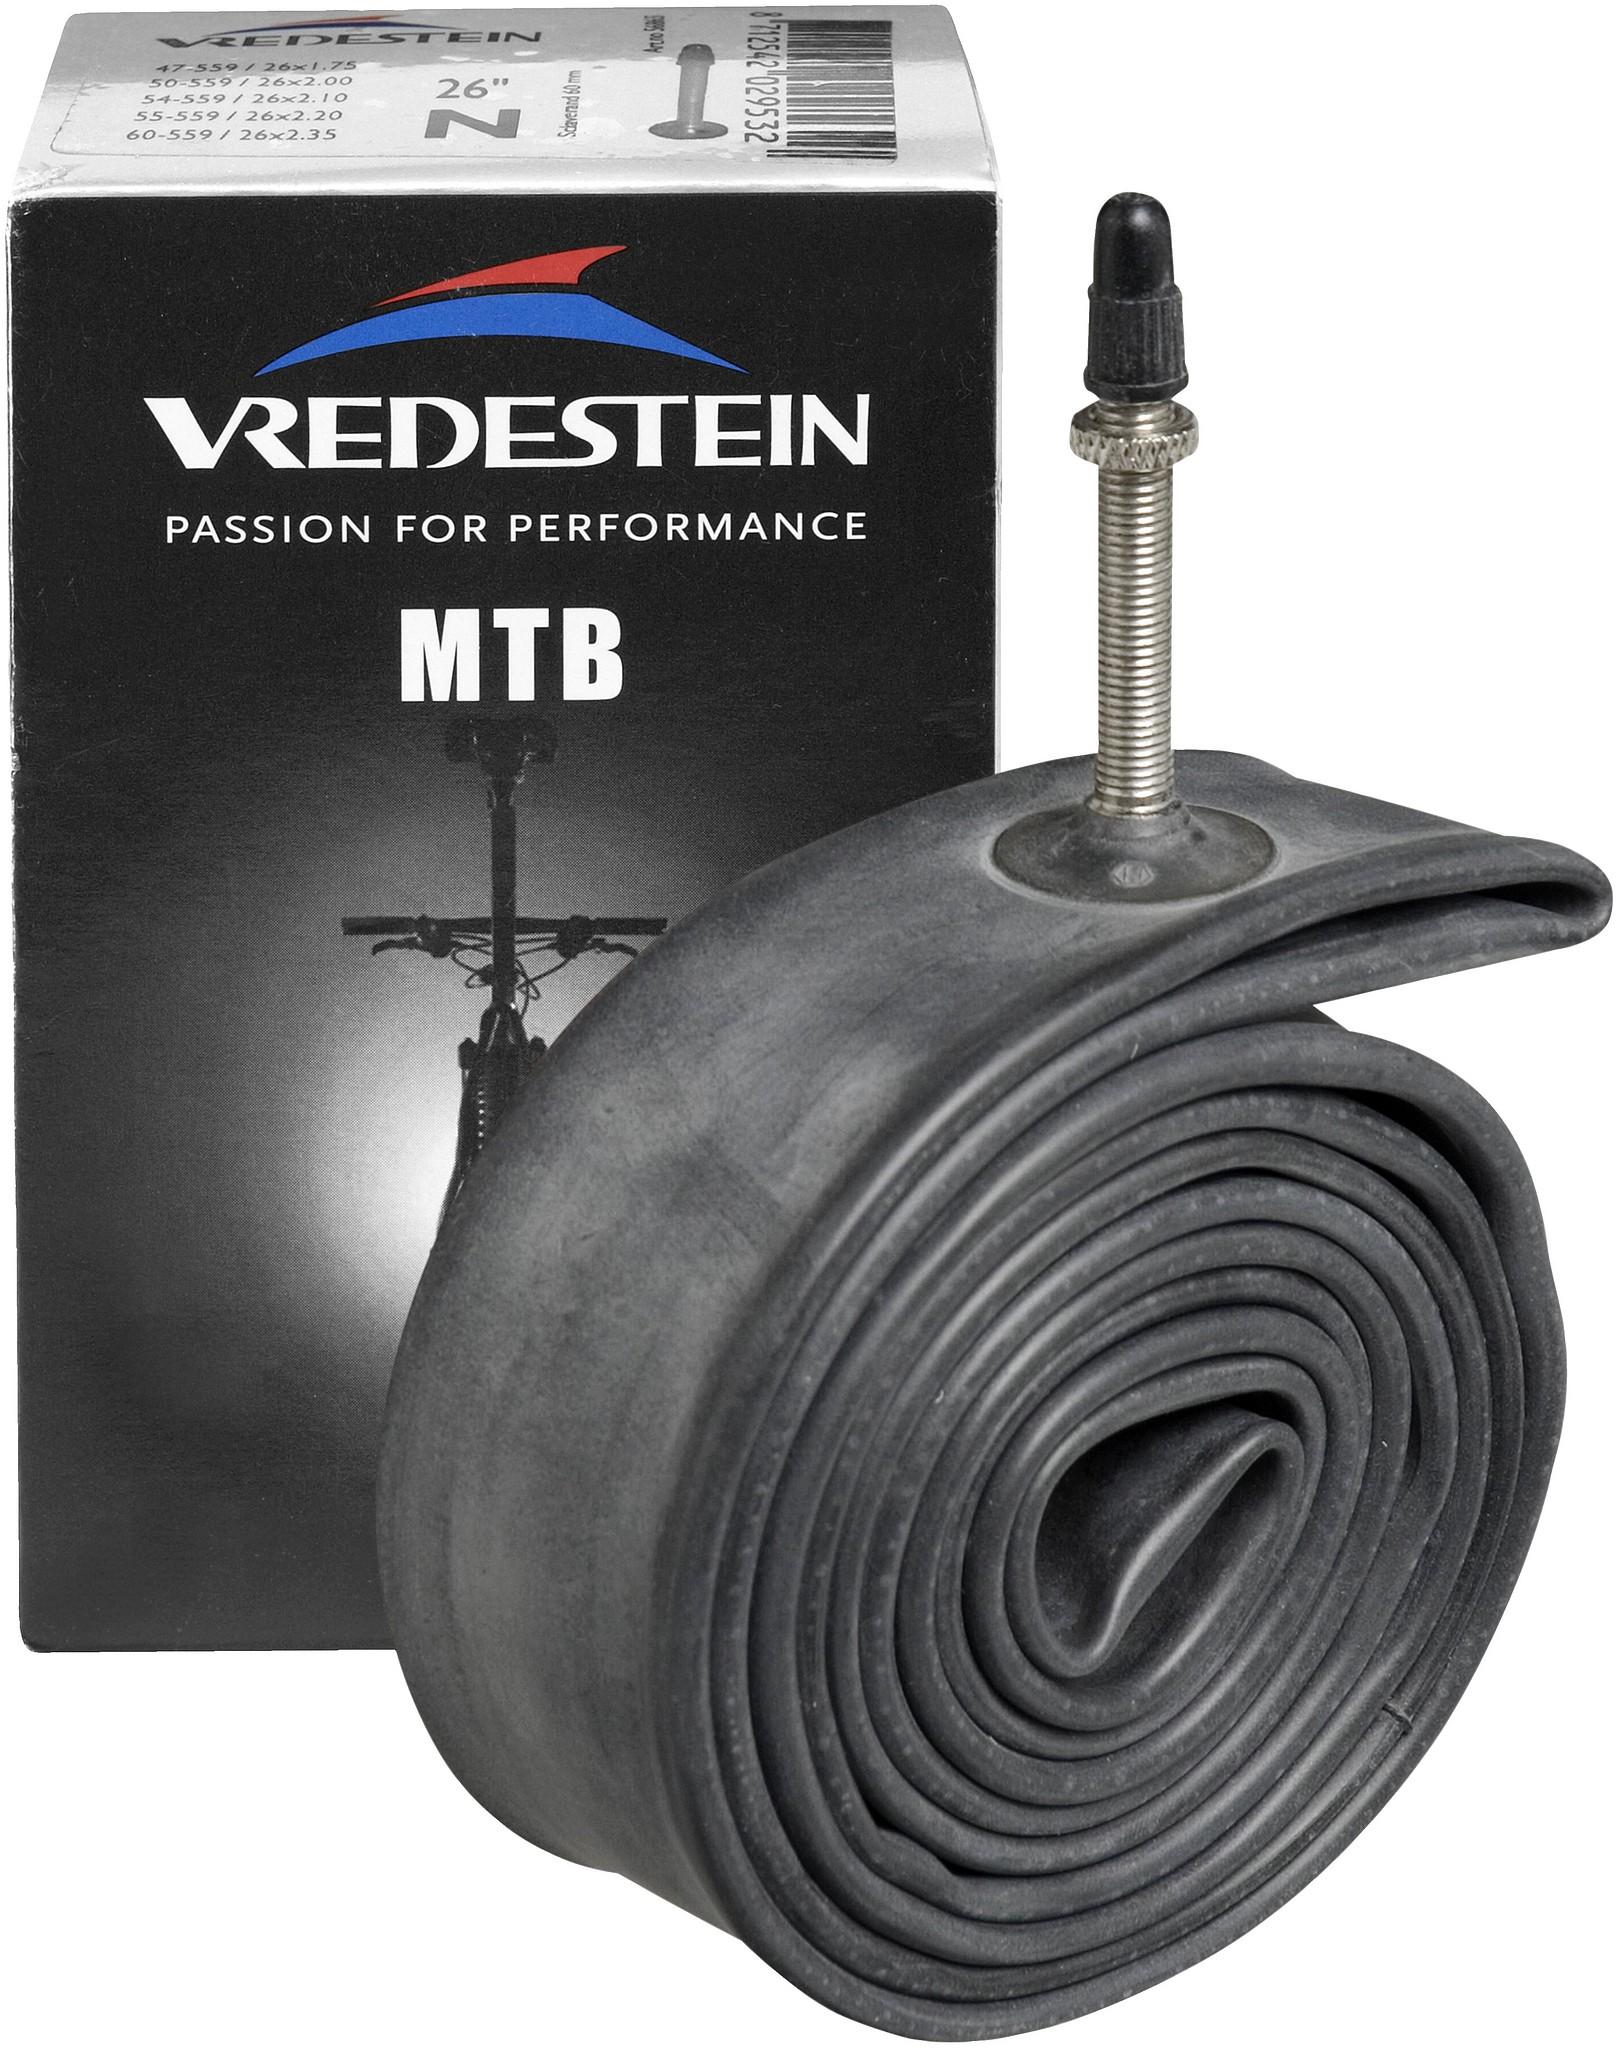 Vredestein Binnenband ATB 26 x 1.30 Sclaverand 40mm